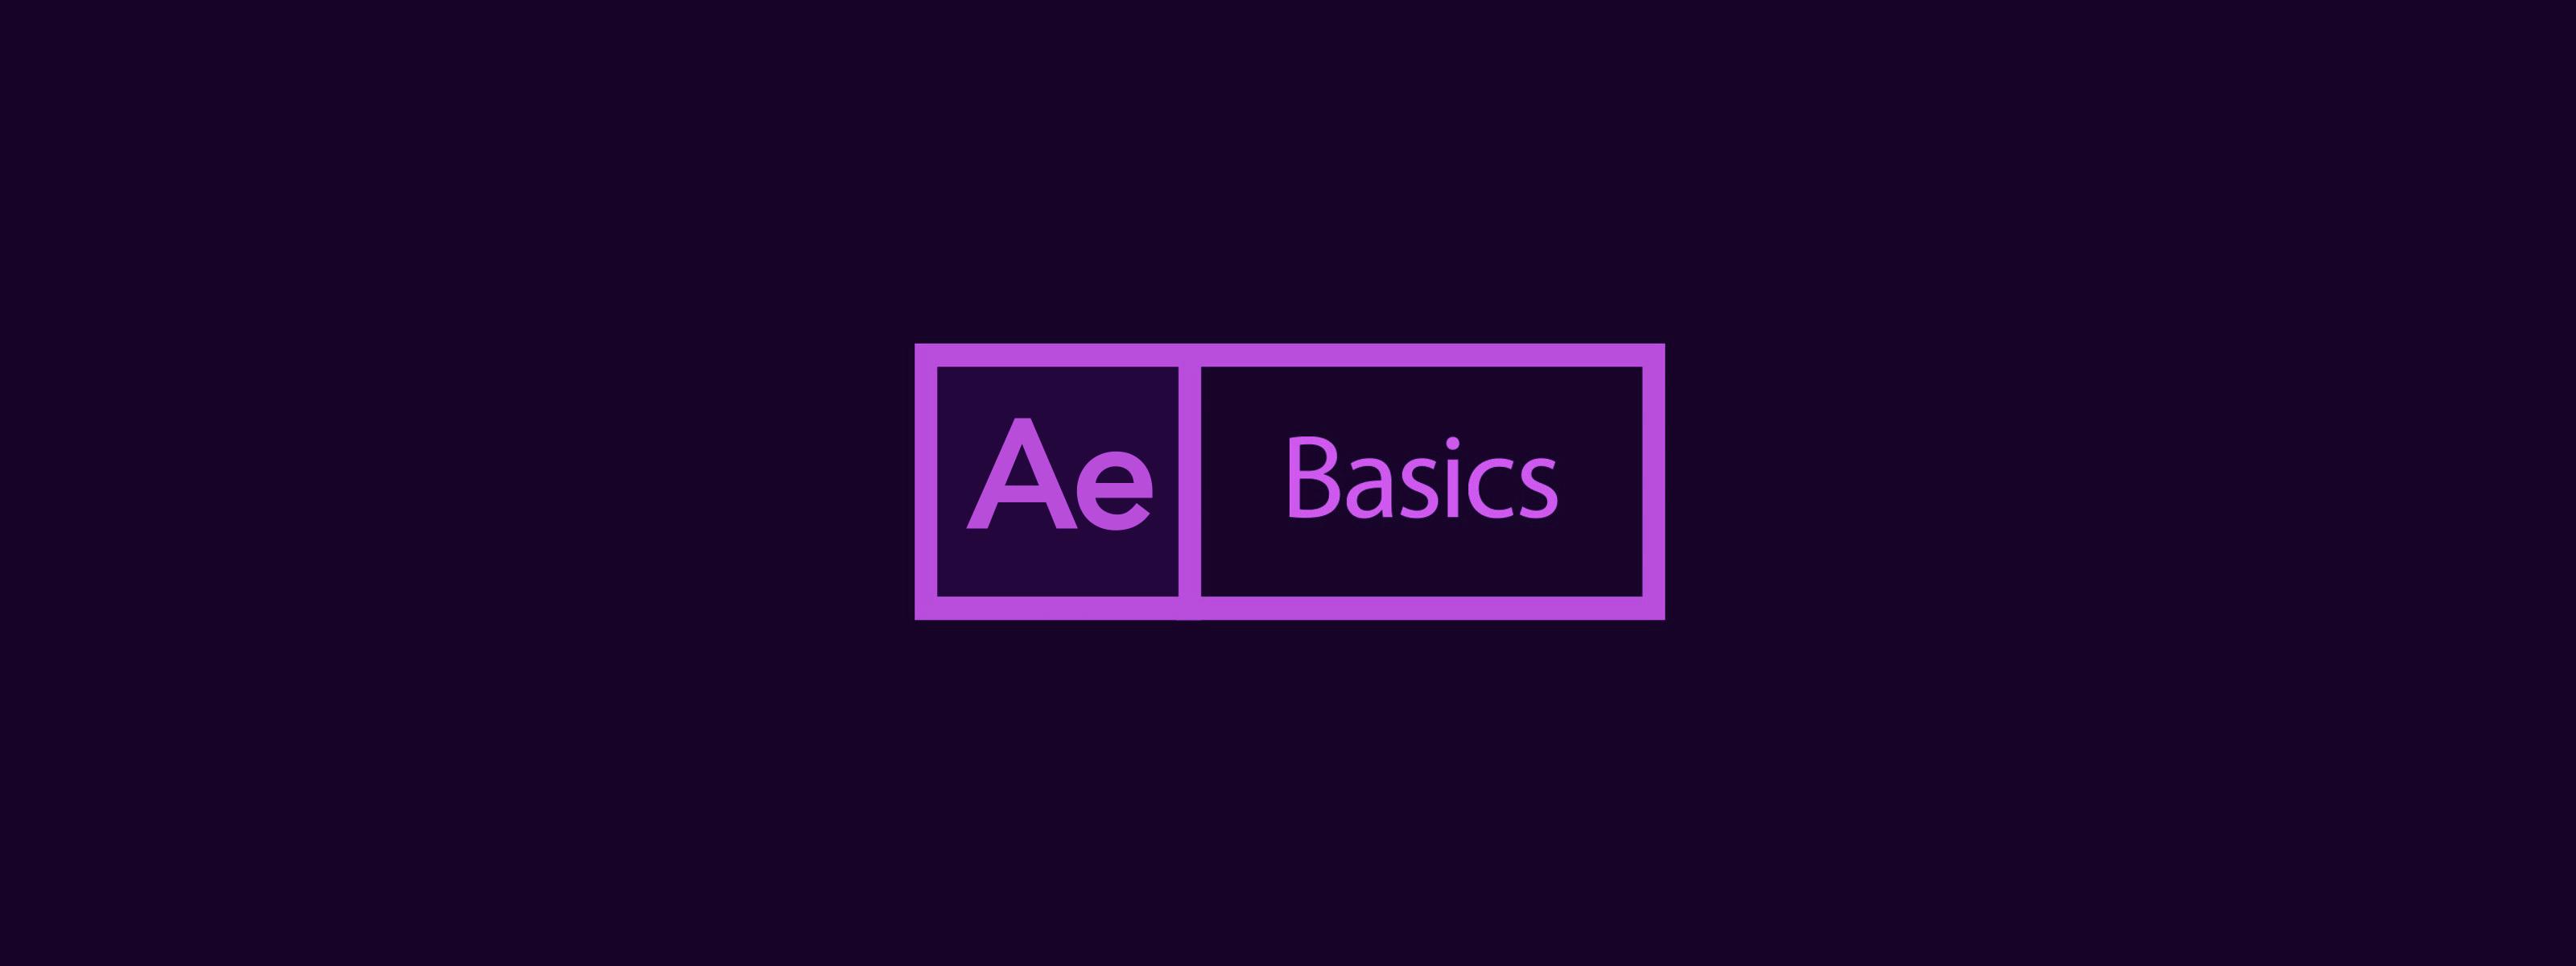 Hướng dẫn các thao tác cơ bản trong After effects by Thầy Dũng AE!